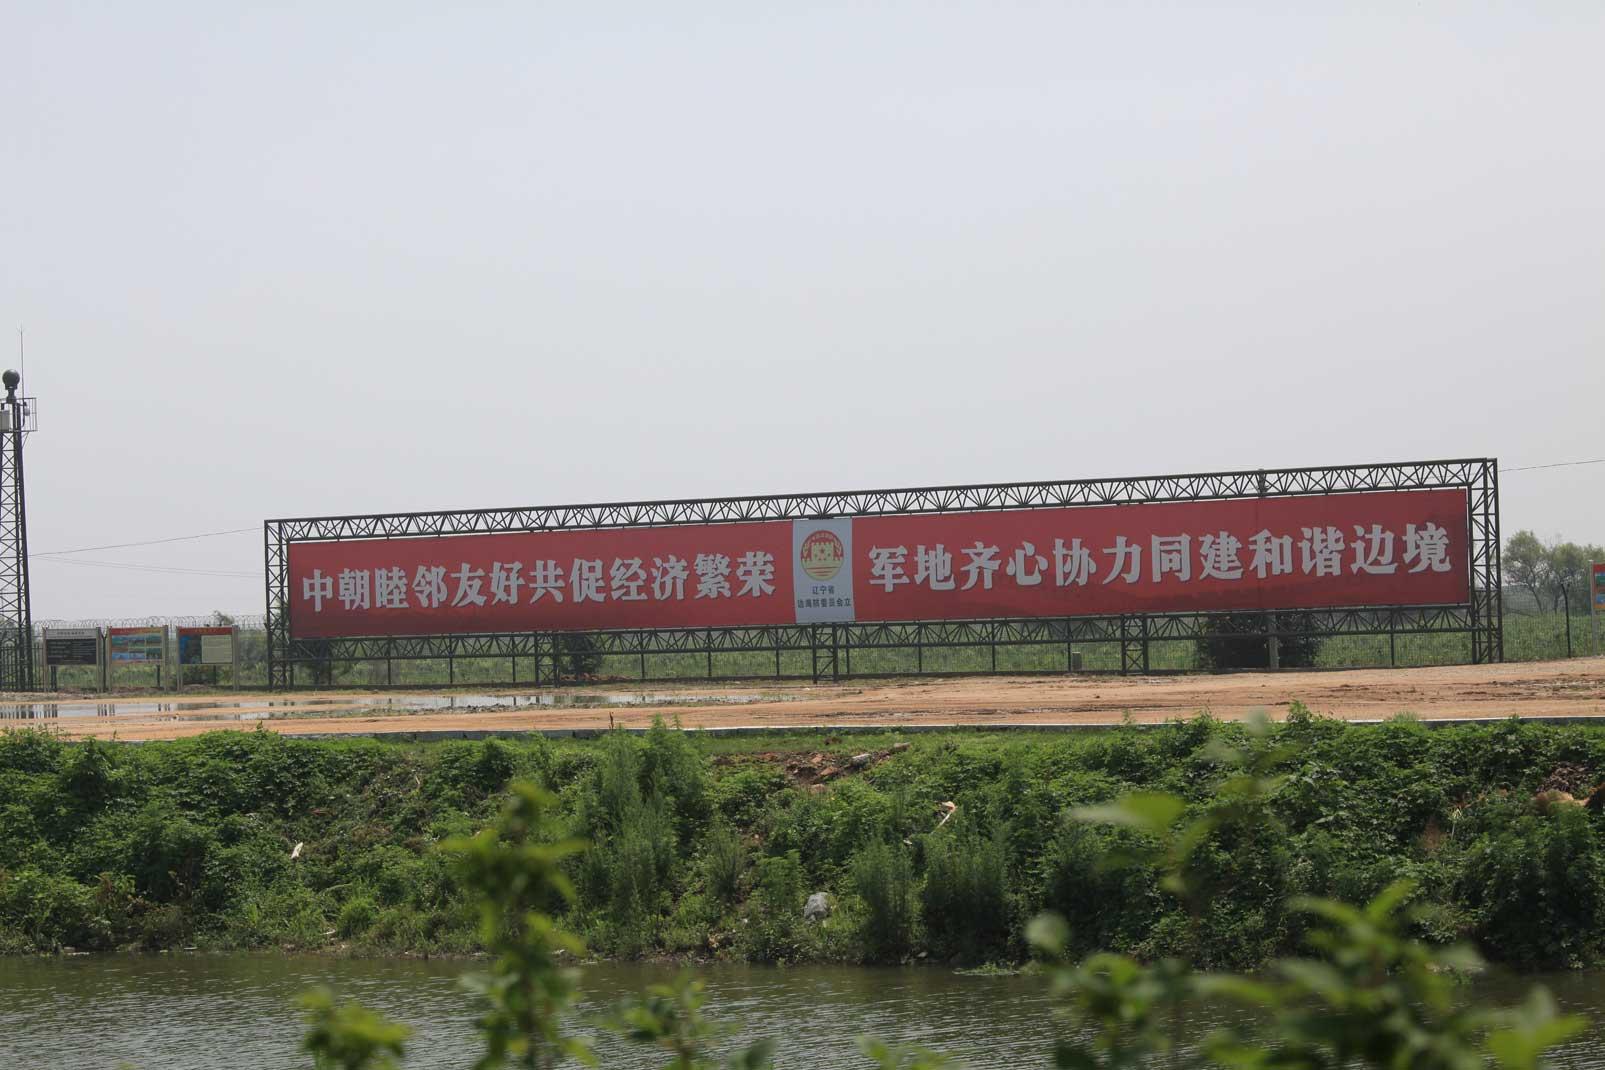 中朝陸の国境では兵士も農民も目と鼻の先(遼寧省丹東市)_b0235153_15594990.jpg